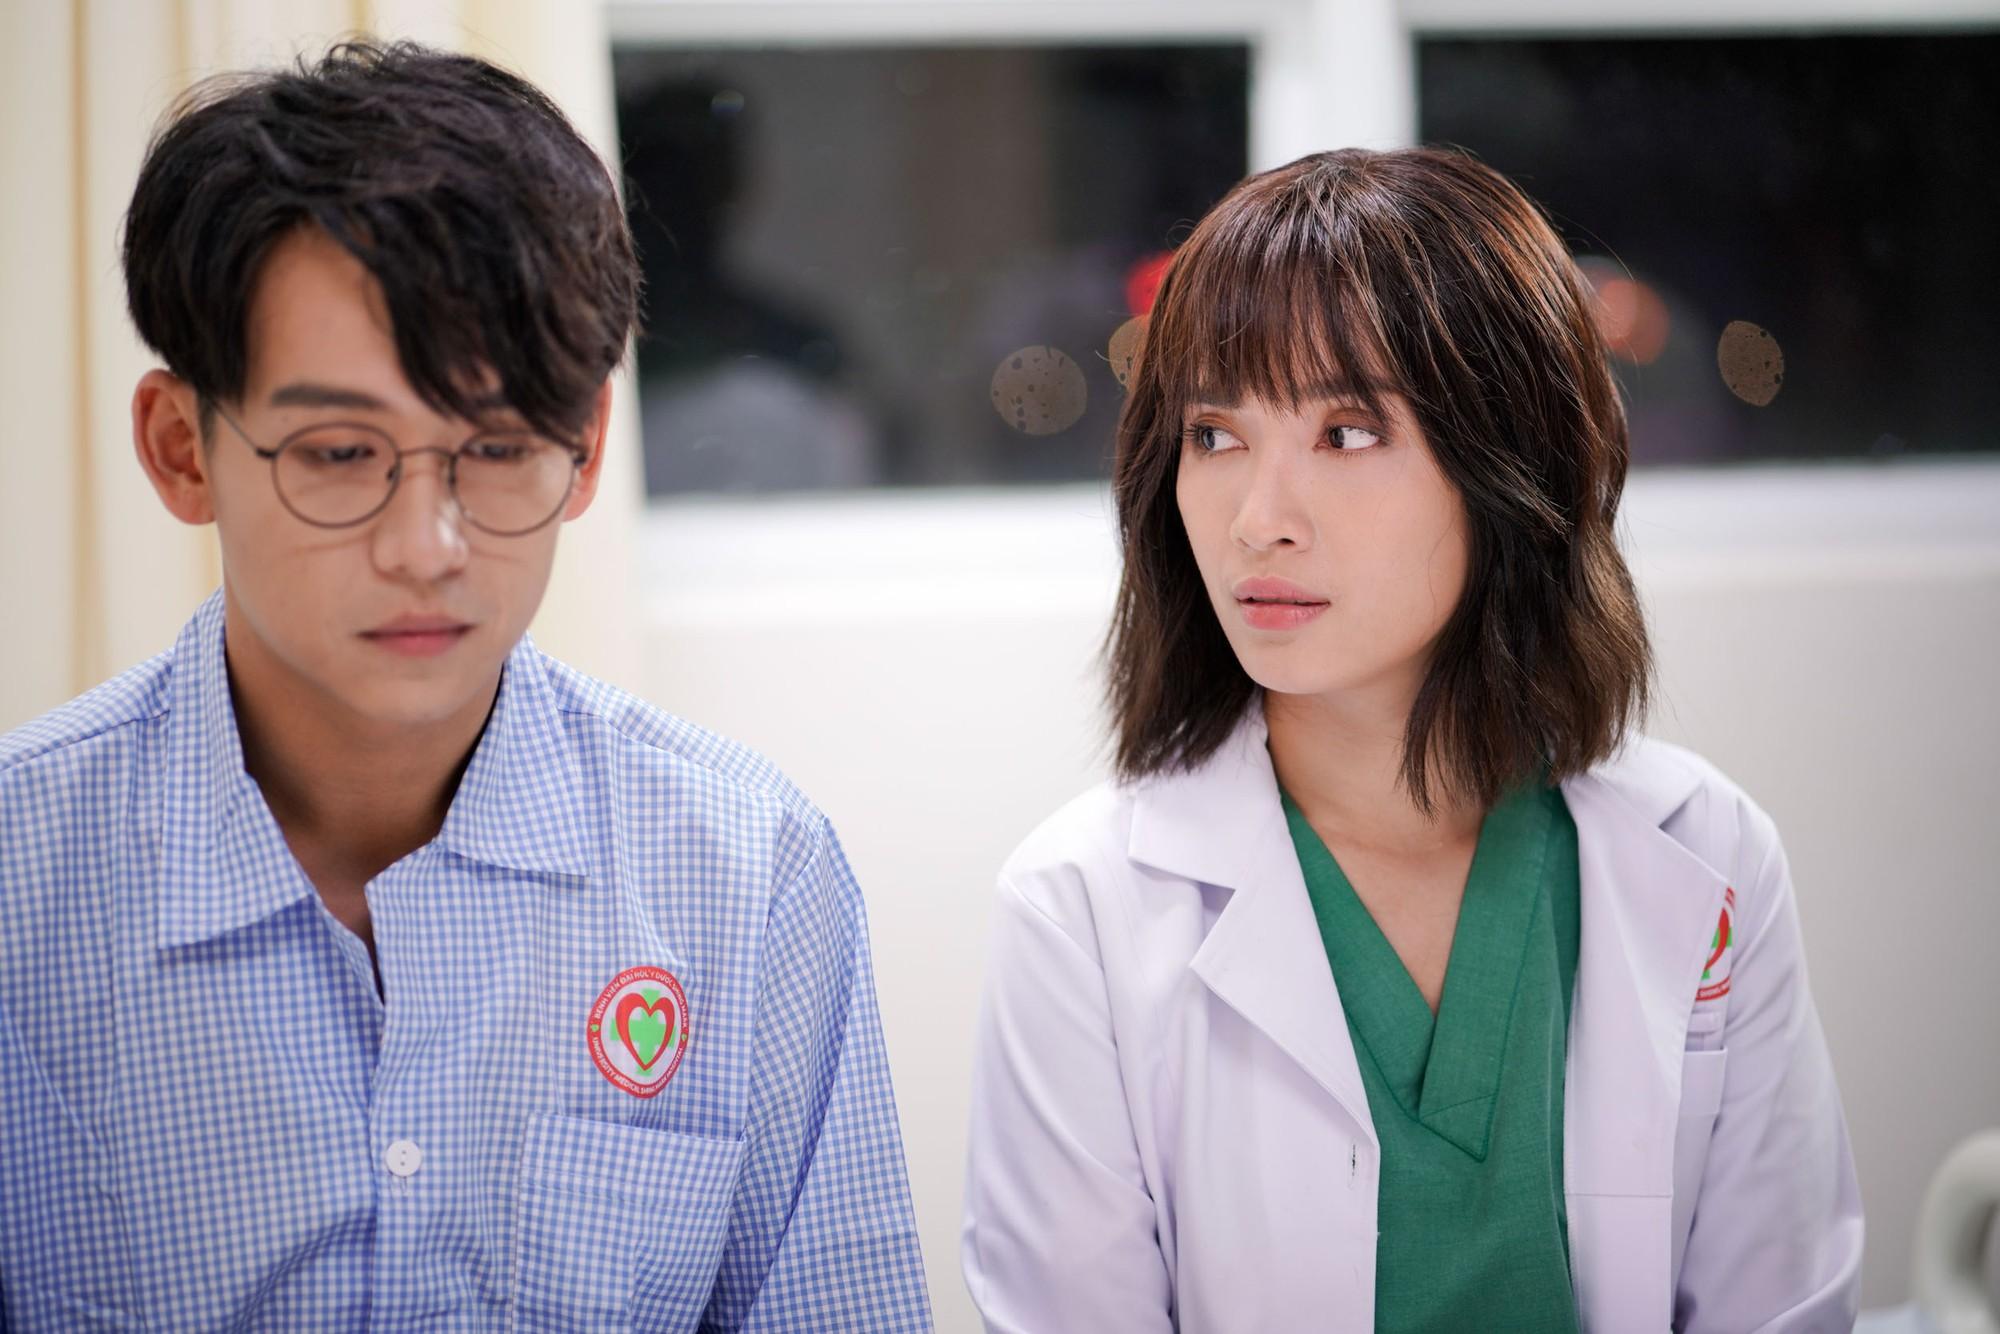 Ái Phương say đắm khoá môi MC Quang Bảo trong MV về chuyện tình bác sĩ - bệnh nhân - Ảnh 4.